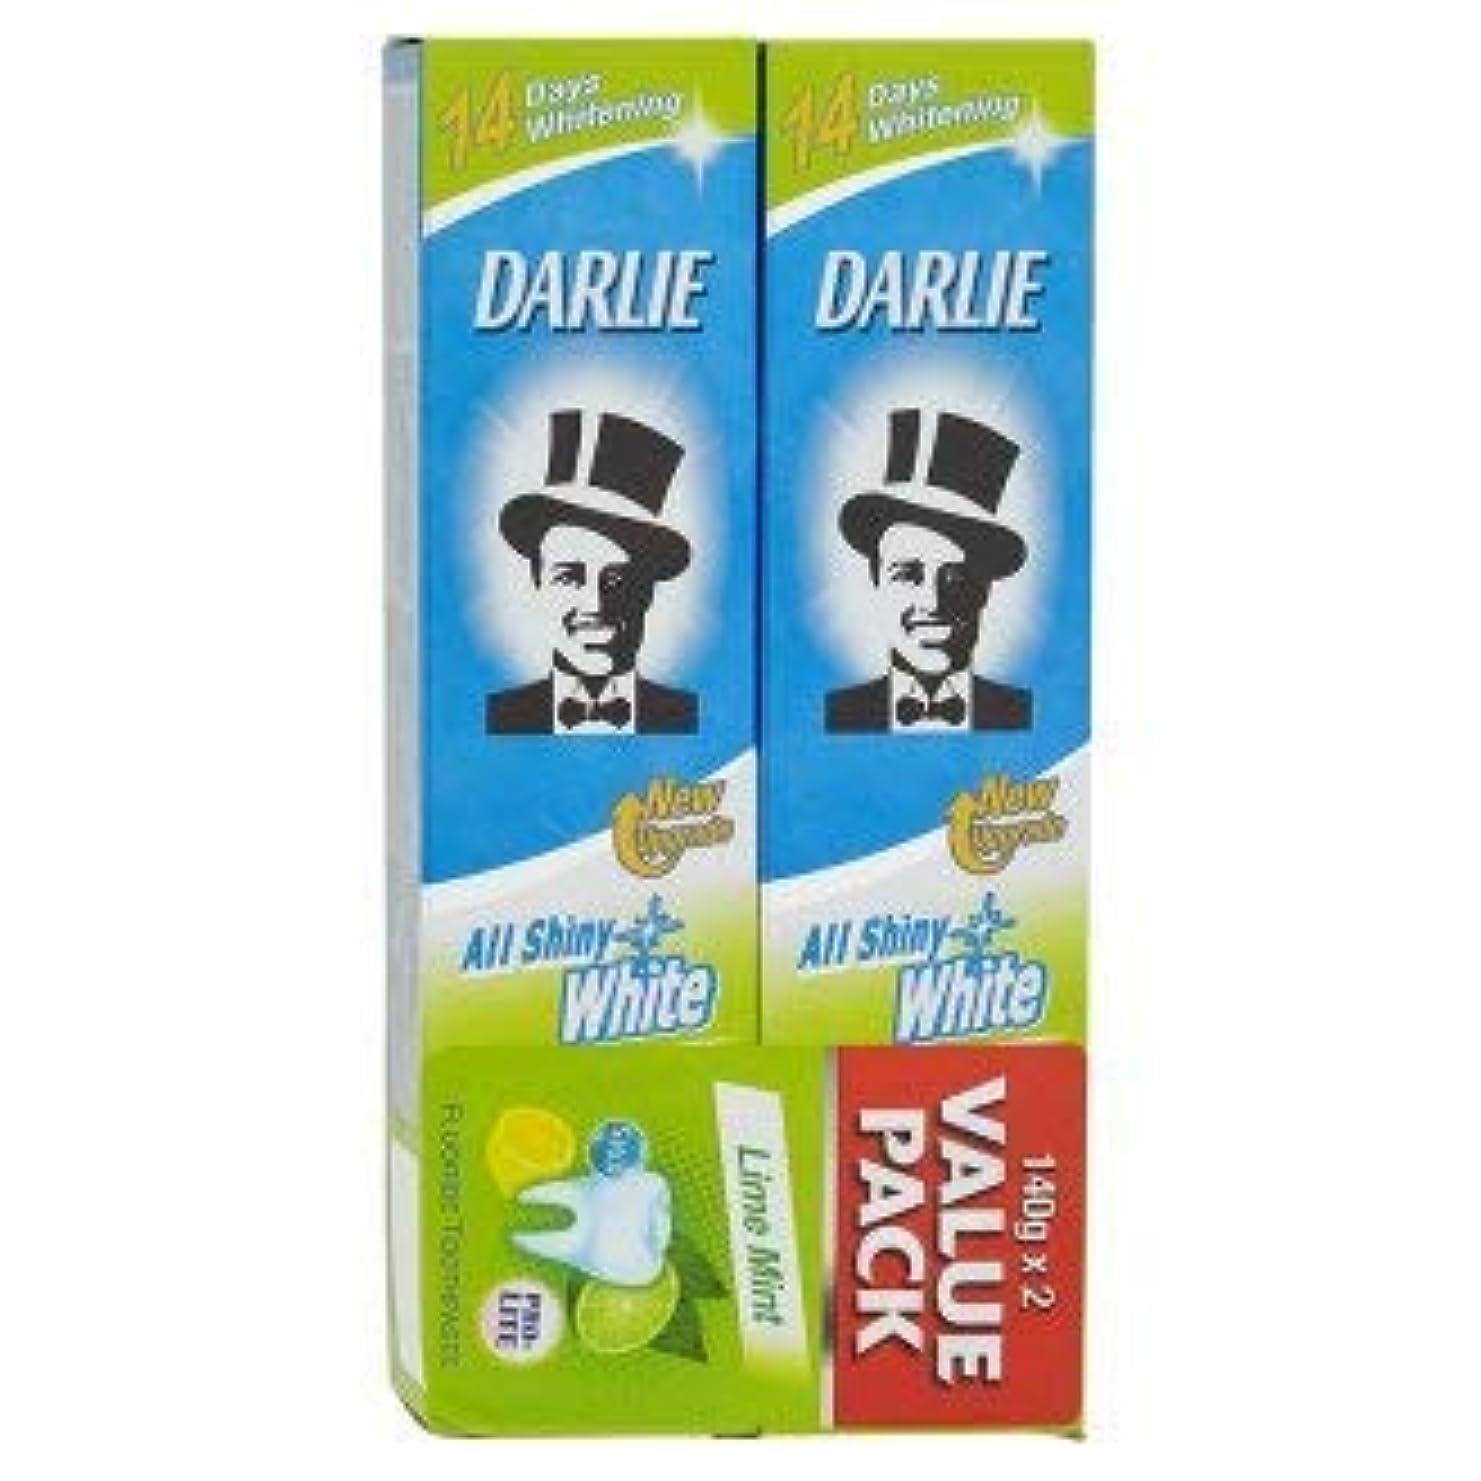 恥ずかしさ蜂ポインタDARLIE 2つの電力可溶性汚れや緩やかな歯のホワイトニングを提供する新しいデュアルホワイトニングシステム - 全光沢のある白ライムミント140グラム値パックX2を歯磨き粉